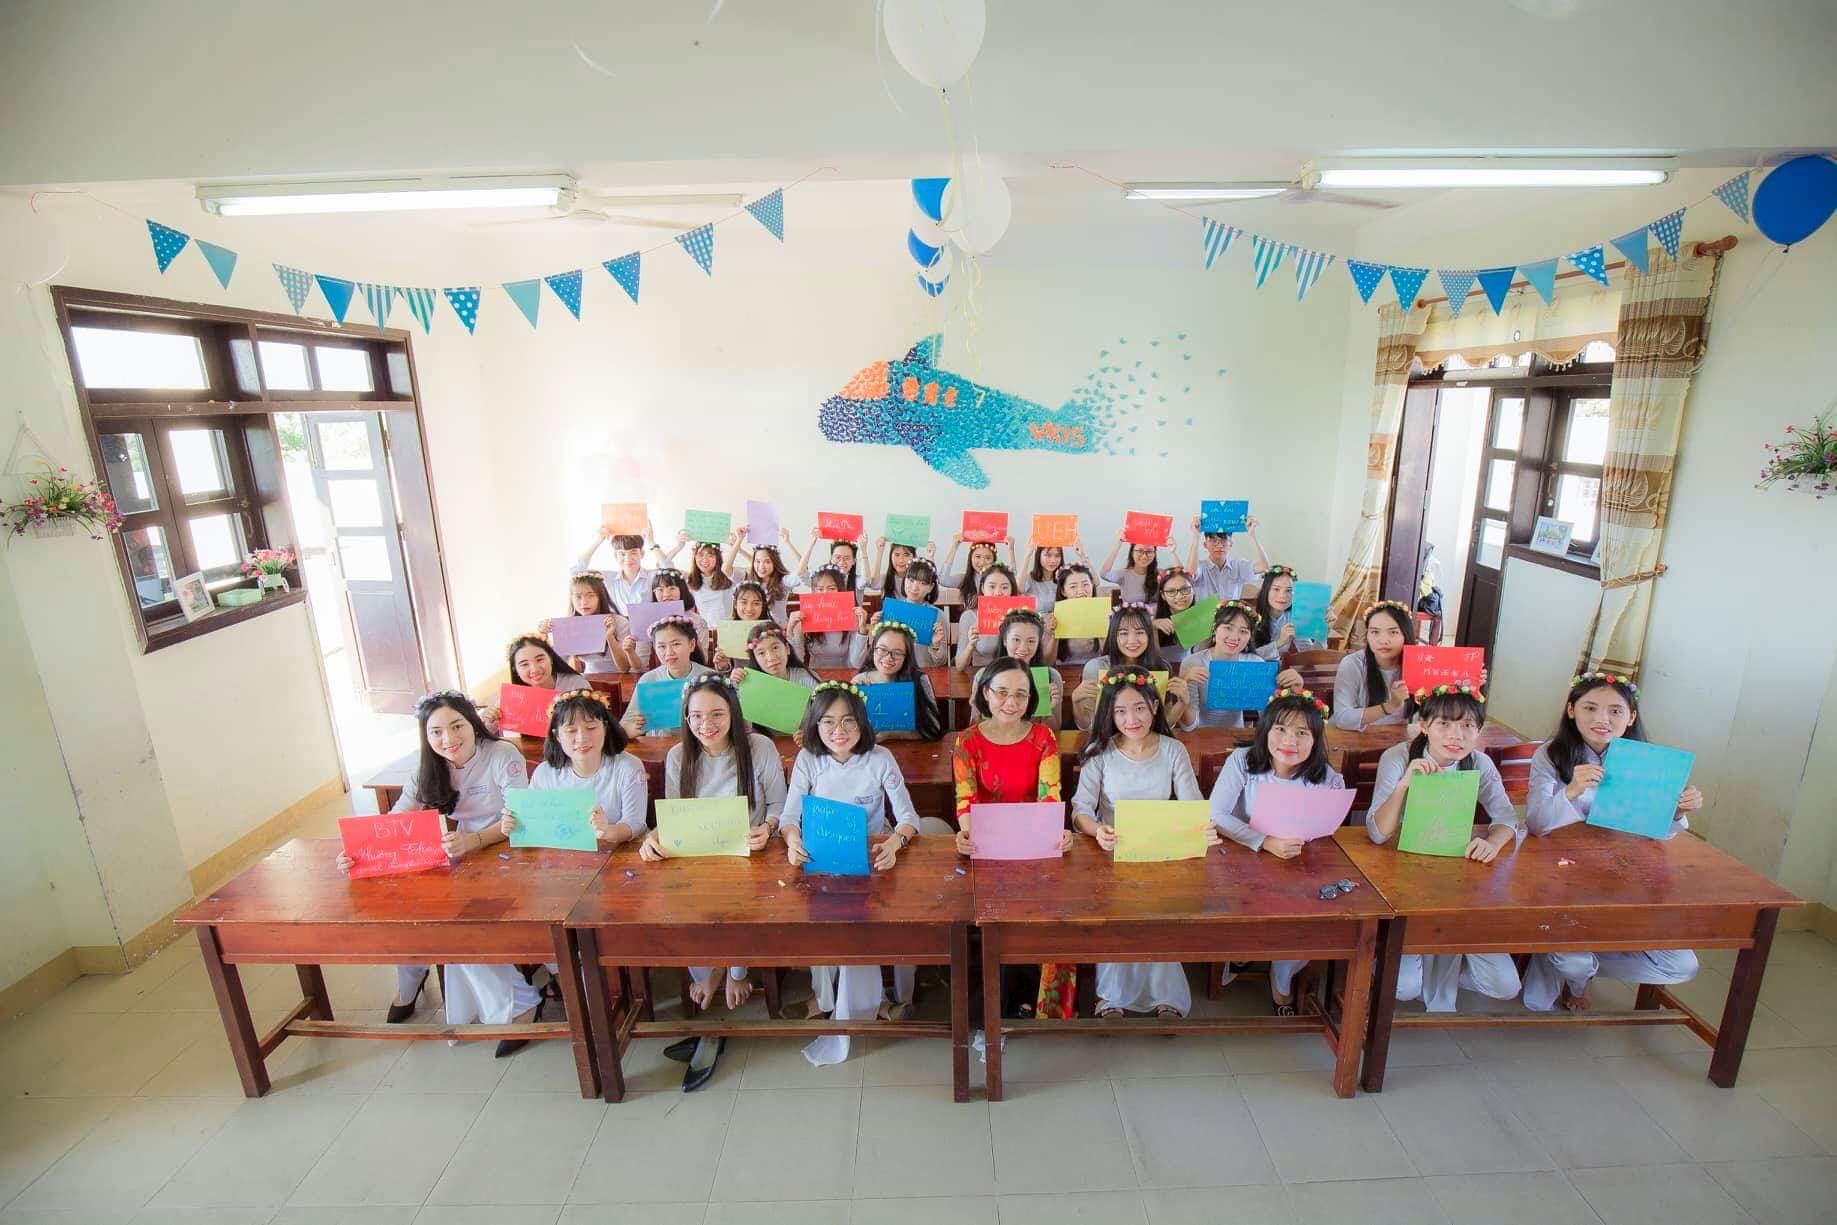 Hơn cả một học sinh giỏi: Vượt qua nỗi đau mất mẹ, nữ sinh Quảng Nam vươn lên đạt điểm văn cao nhất cả nước trong kỳ thi THPT Quốc gia 2019 - Ảnh 5.